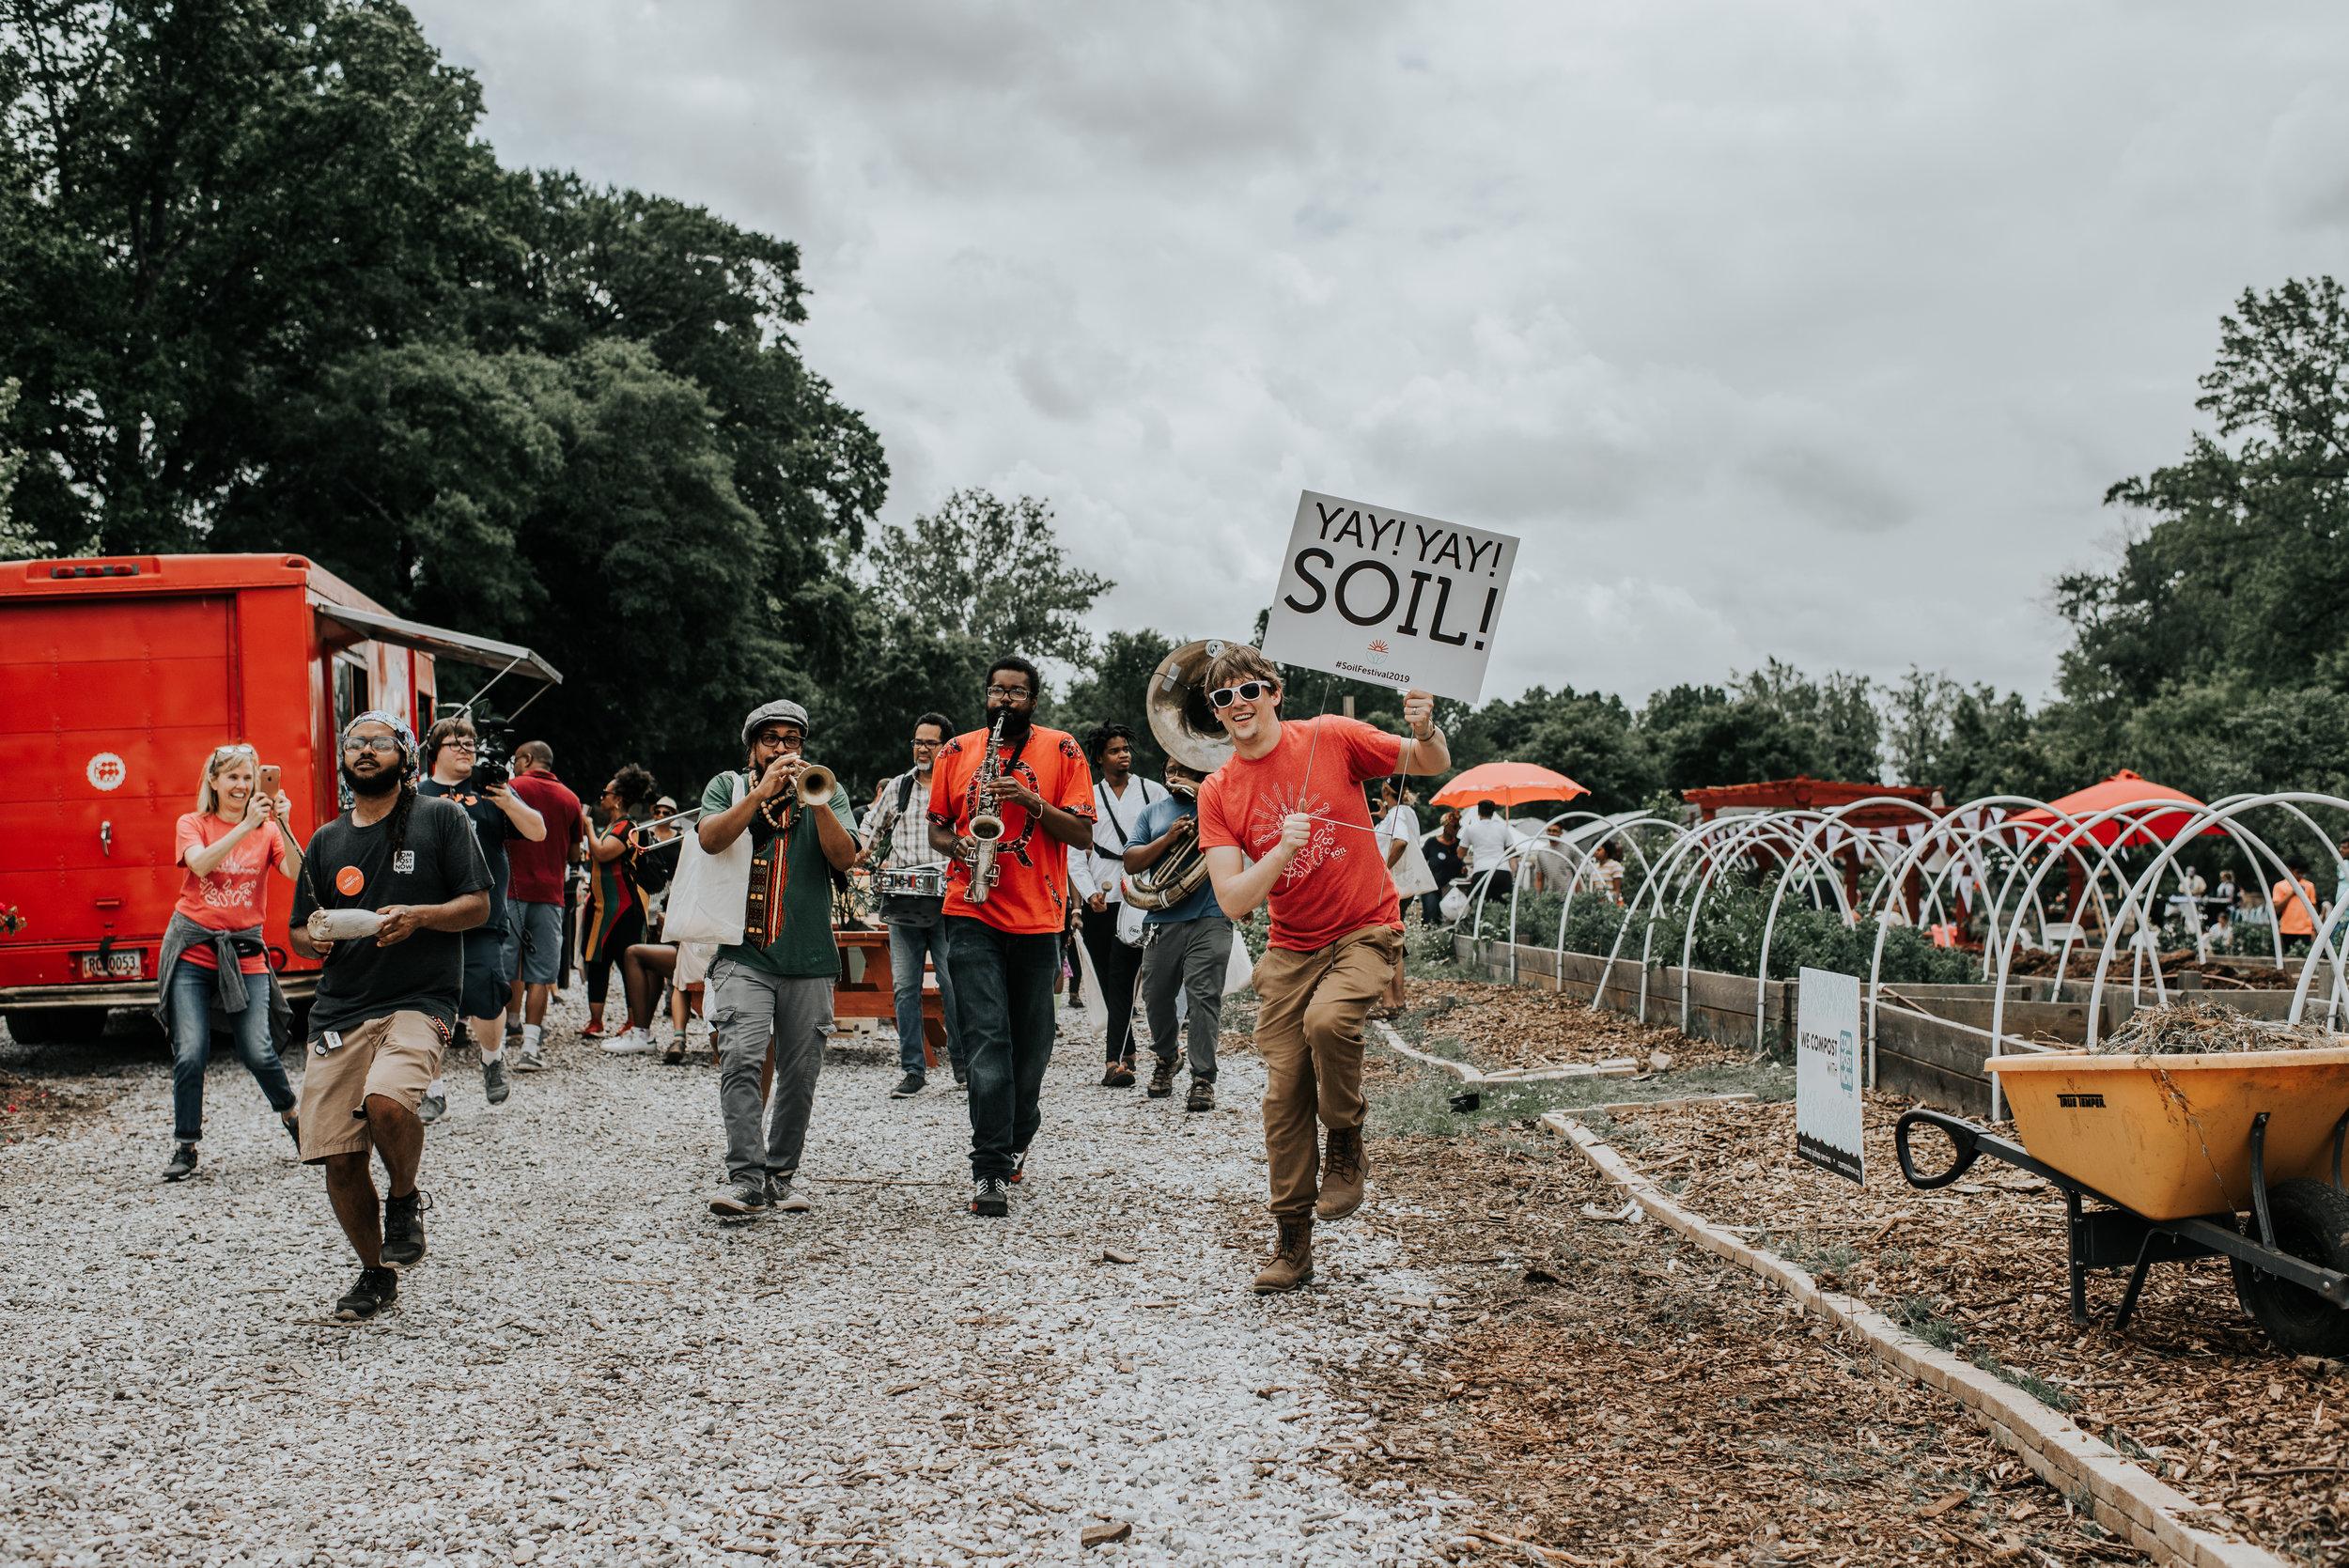 Soil Fest Second Line.jpg